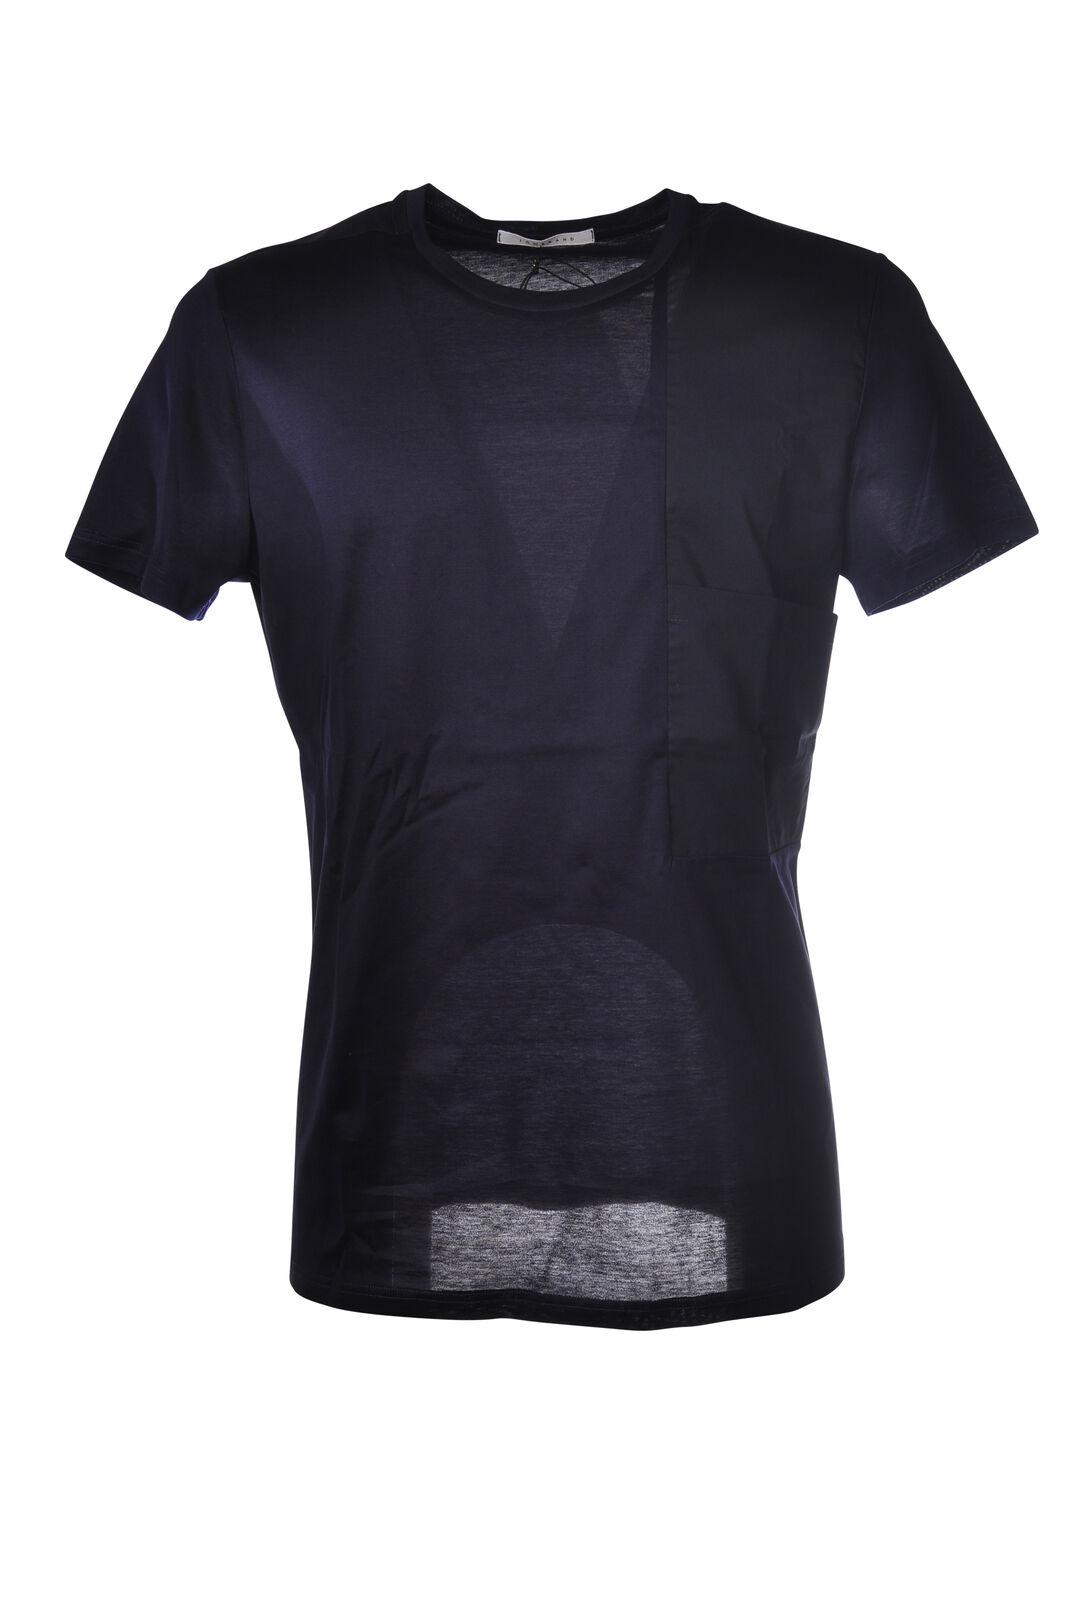 Niedrig Brand - Topwear-T-shirts - Mann - Blau - 5252708E183646